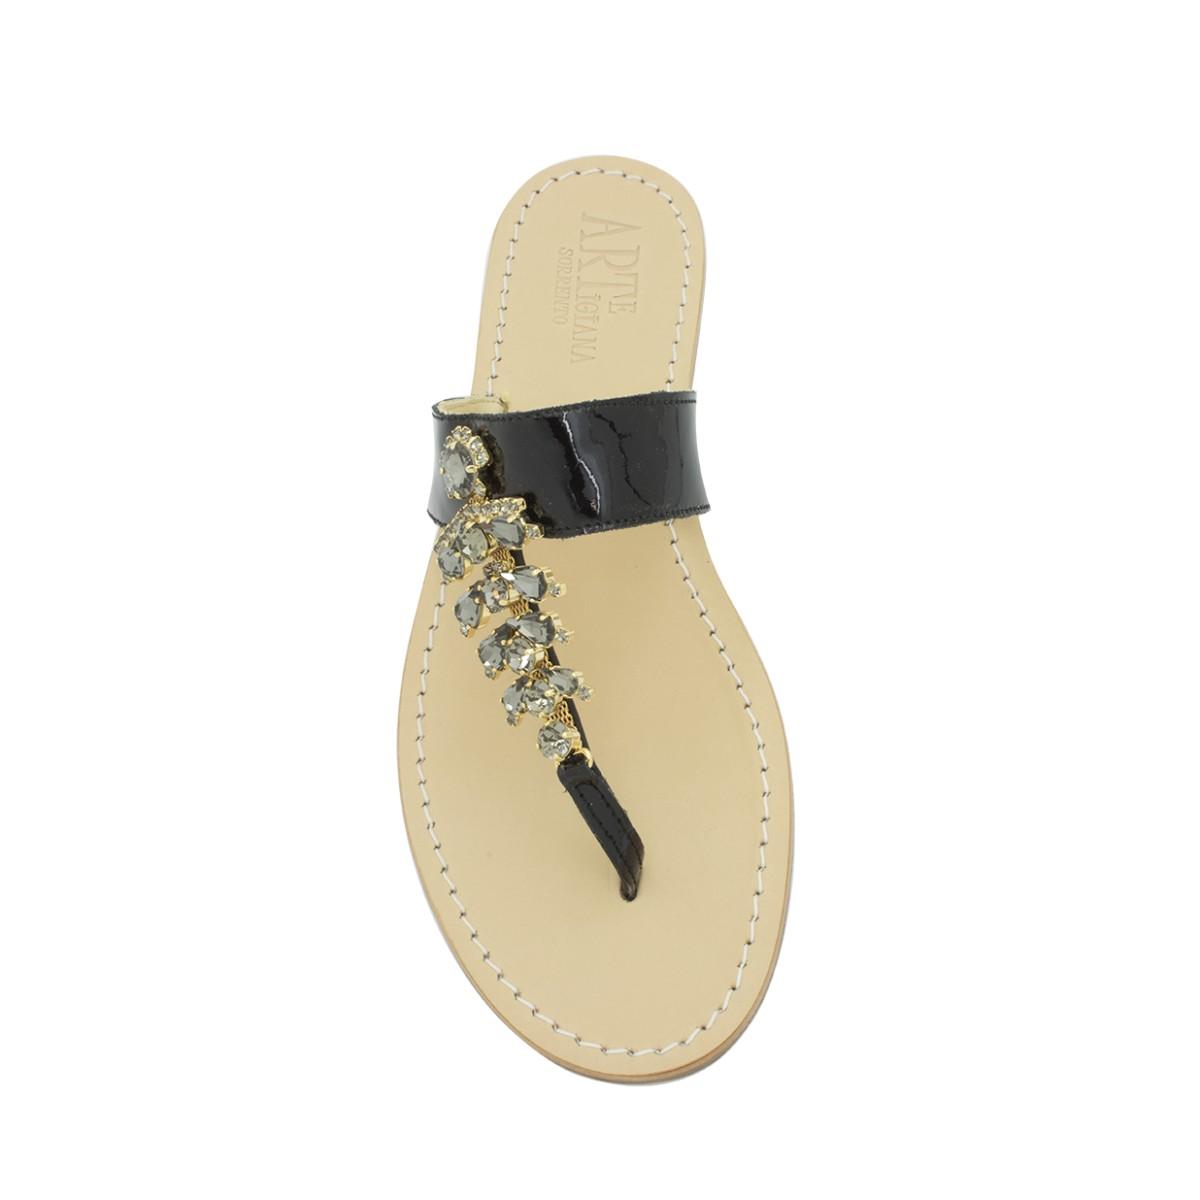 7401b6228175 Sandali gioiello Annamaria color nero lucido. Loading zoom